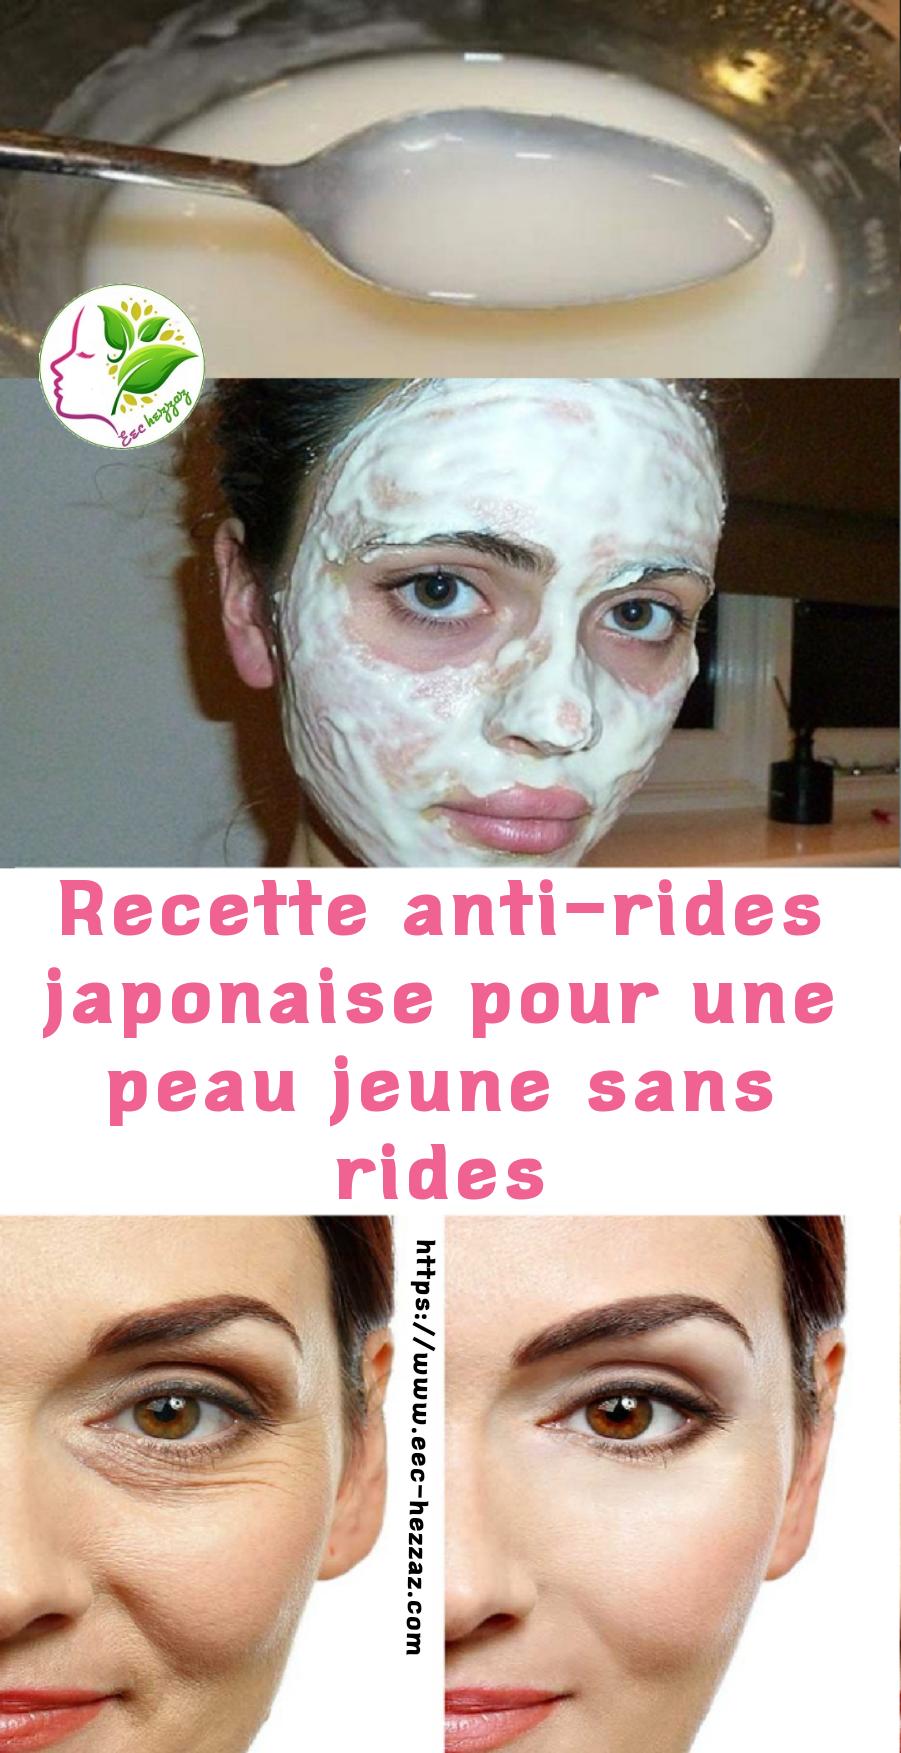 Recette anti-rides japonaise pour une peau jeune sans rides